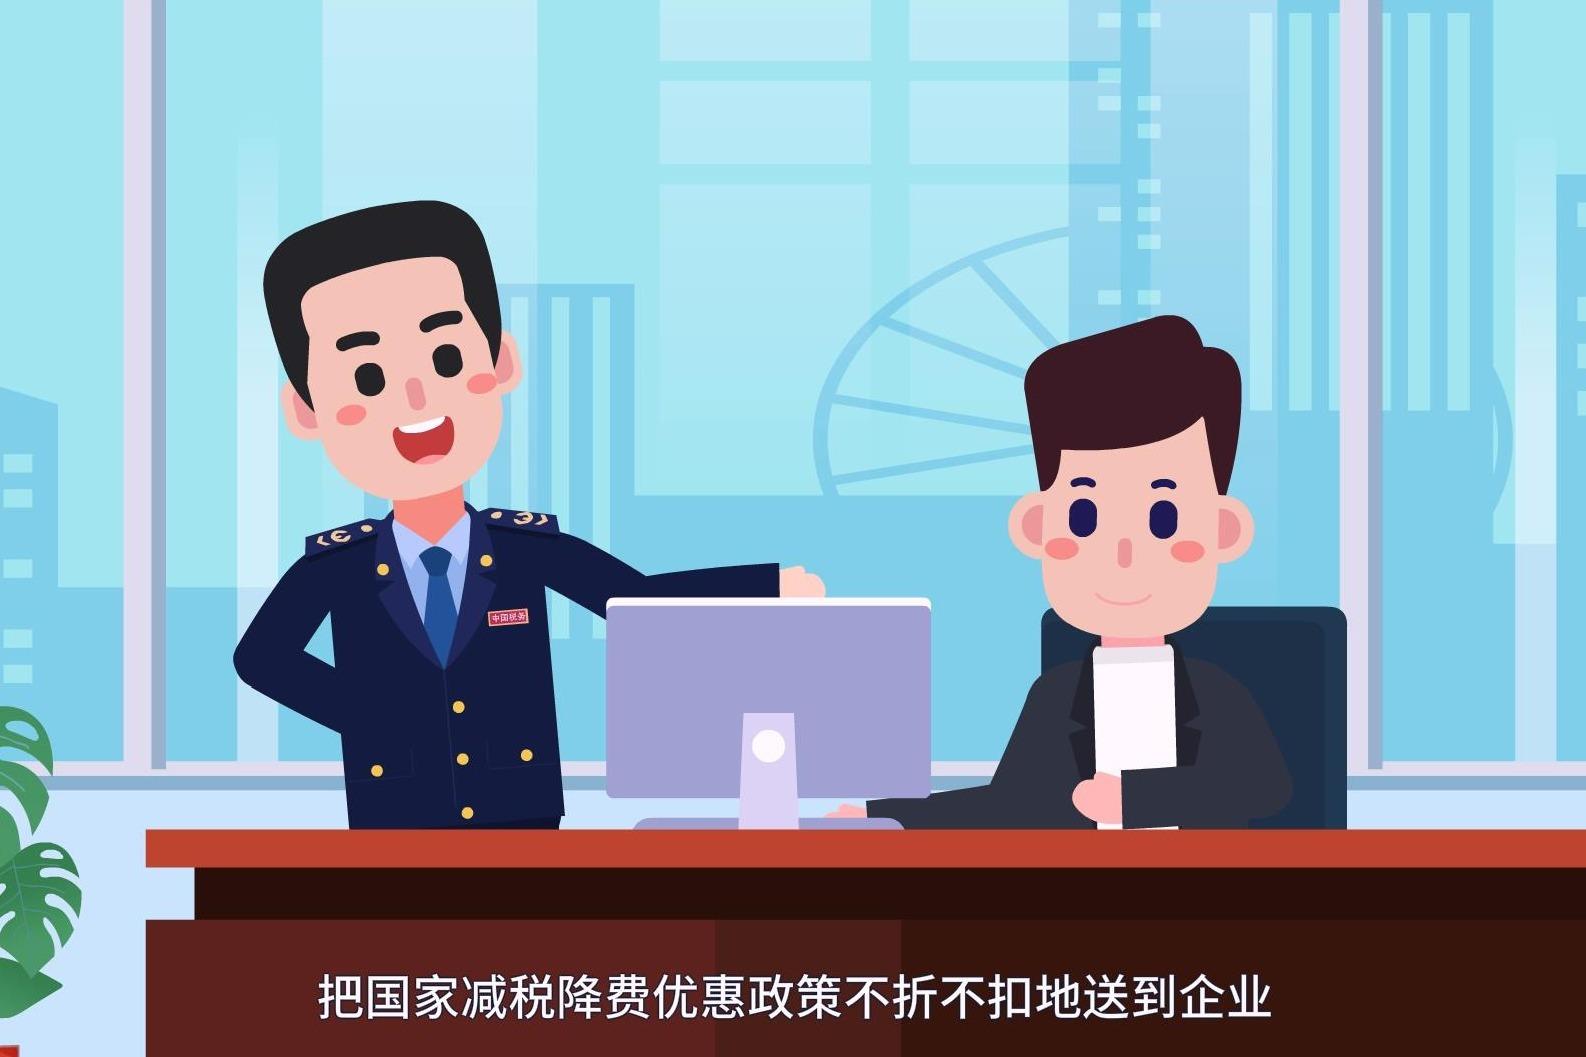 昌江区税务局动漫作品《蝶变》